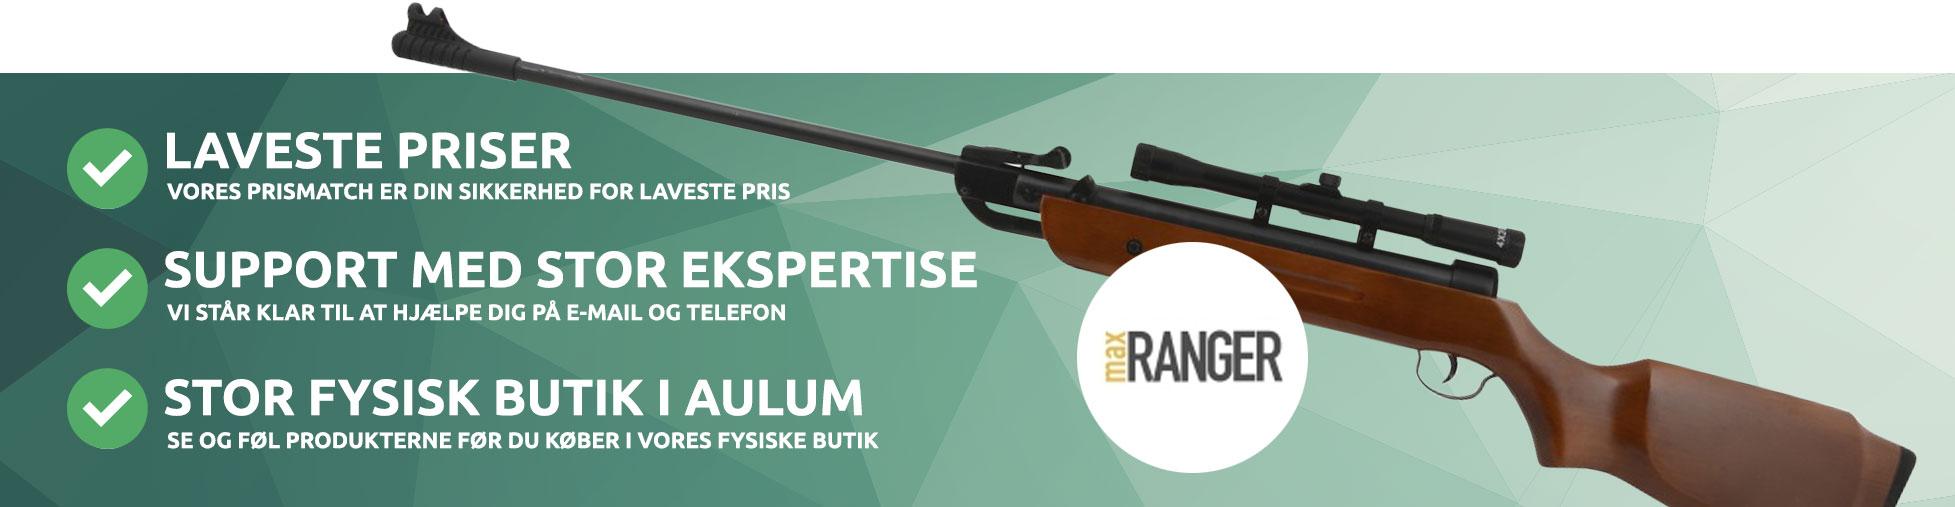 Ranger luftgevær